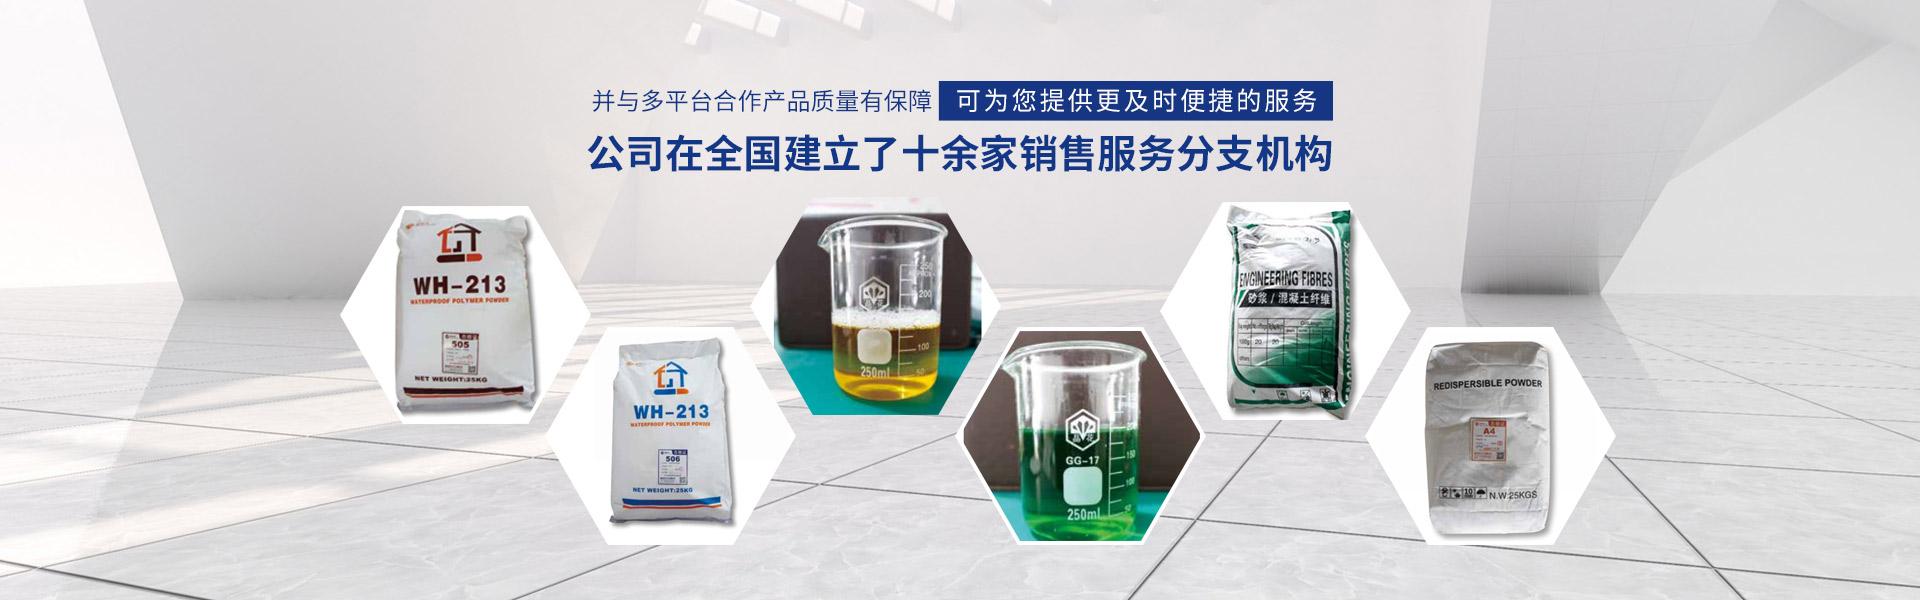 重慶保溫砂漿添加劑批發